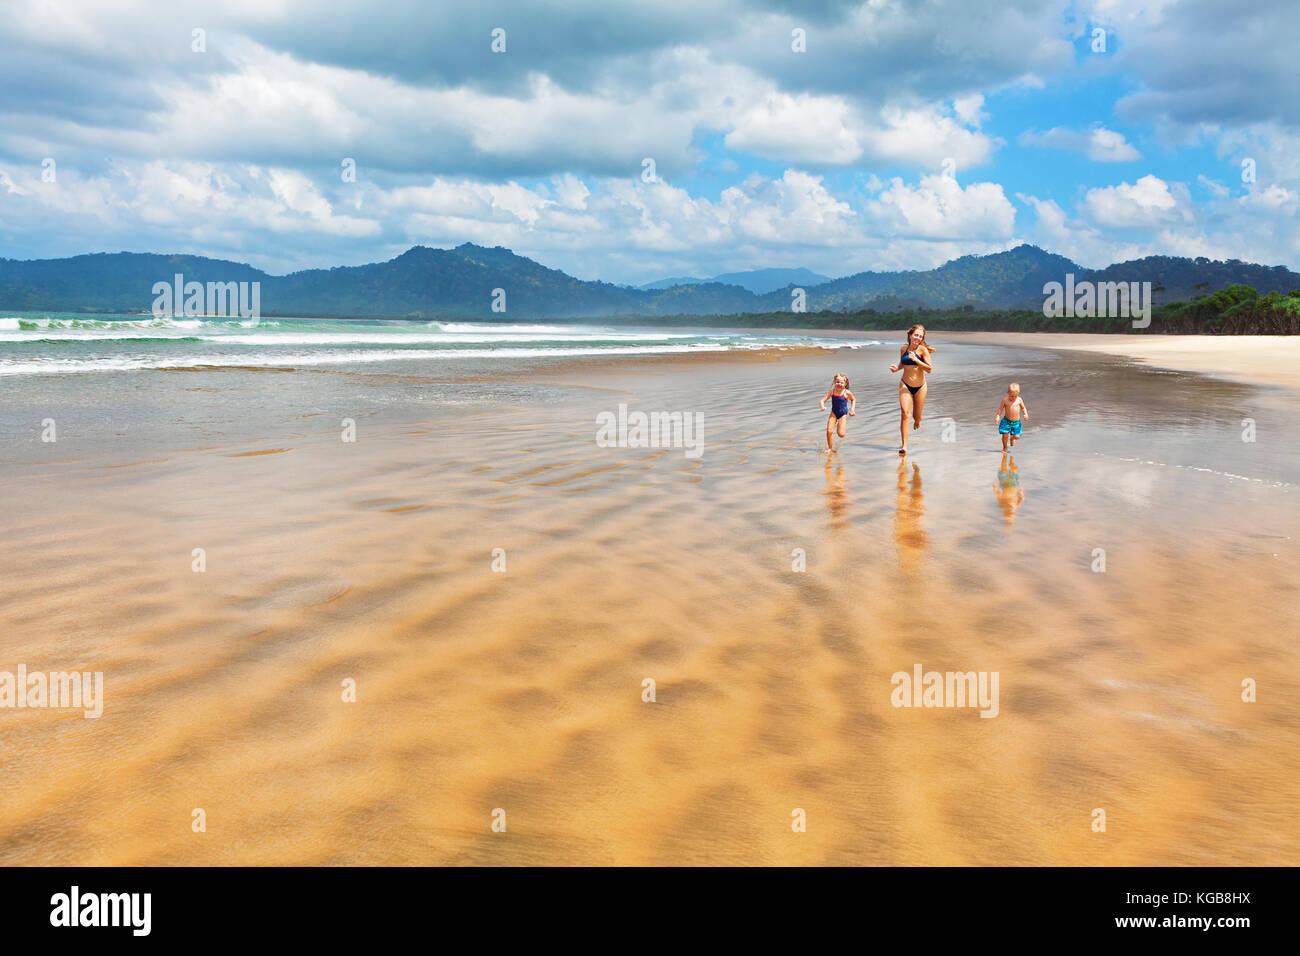 La famiglia felice - madre, i bambini si divertono, gestito da una piscina di acqua di mare lungo surf sulla spiaggia Immagini Stock